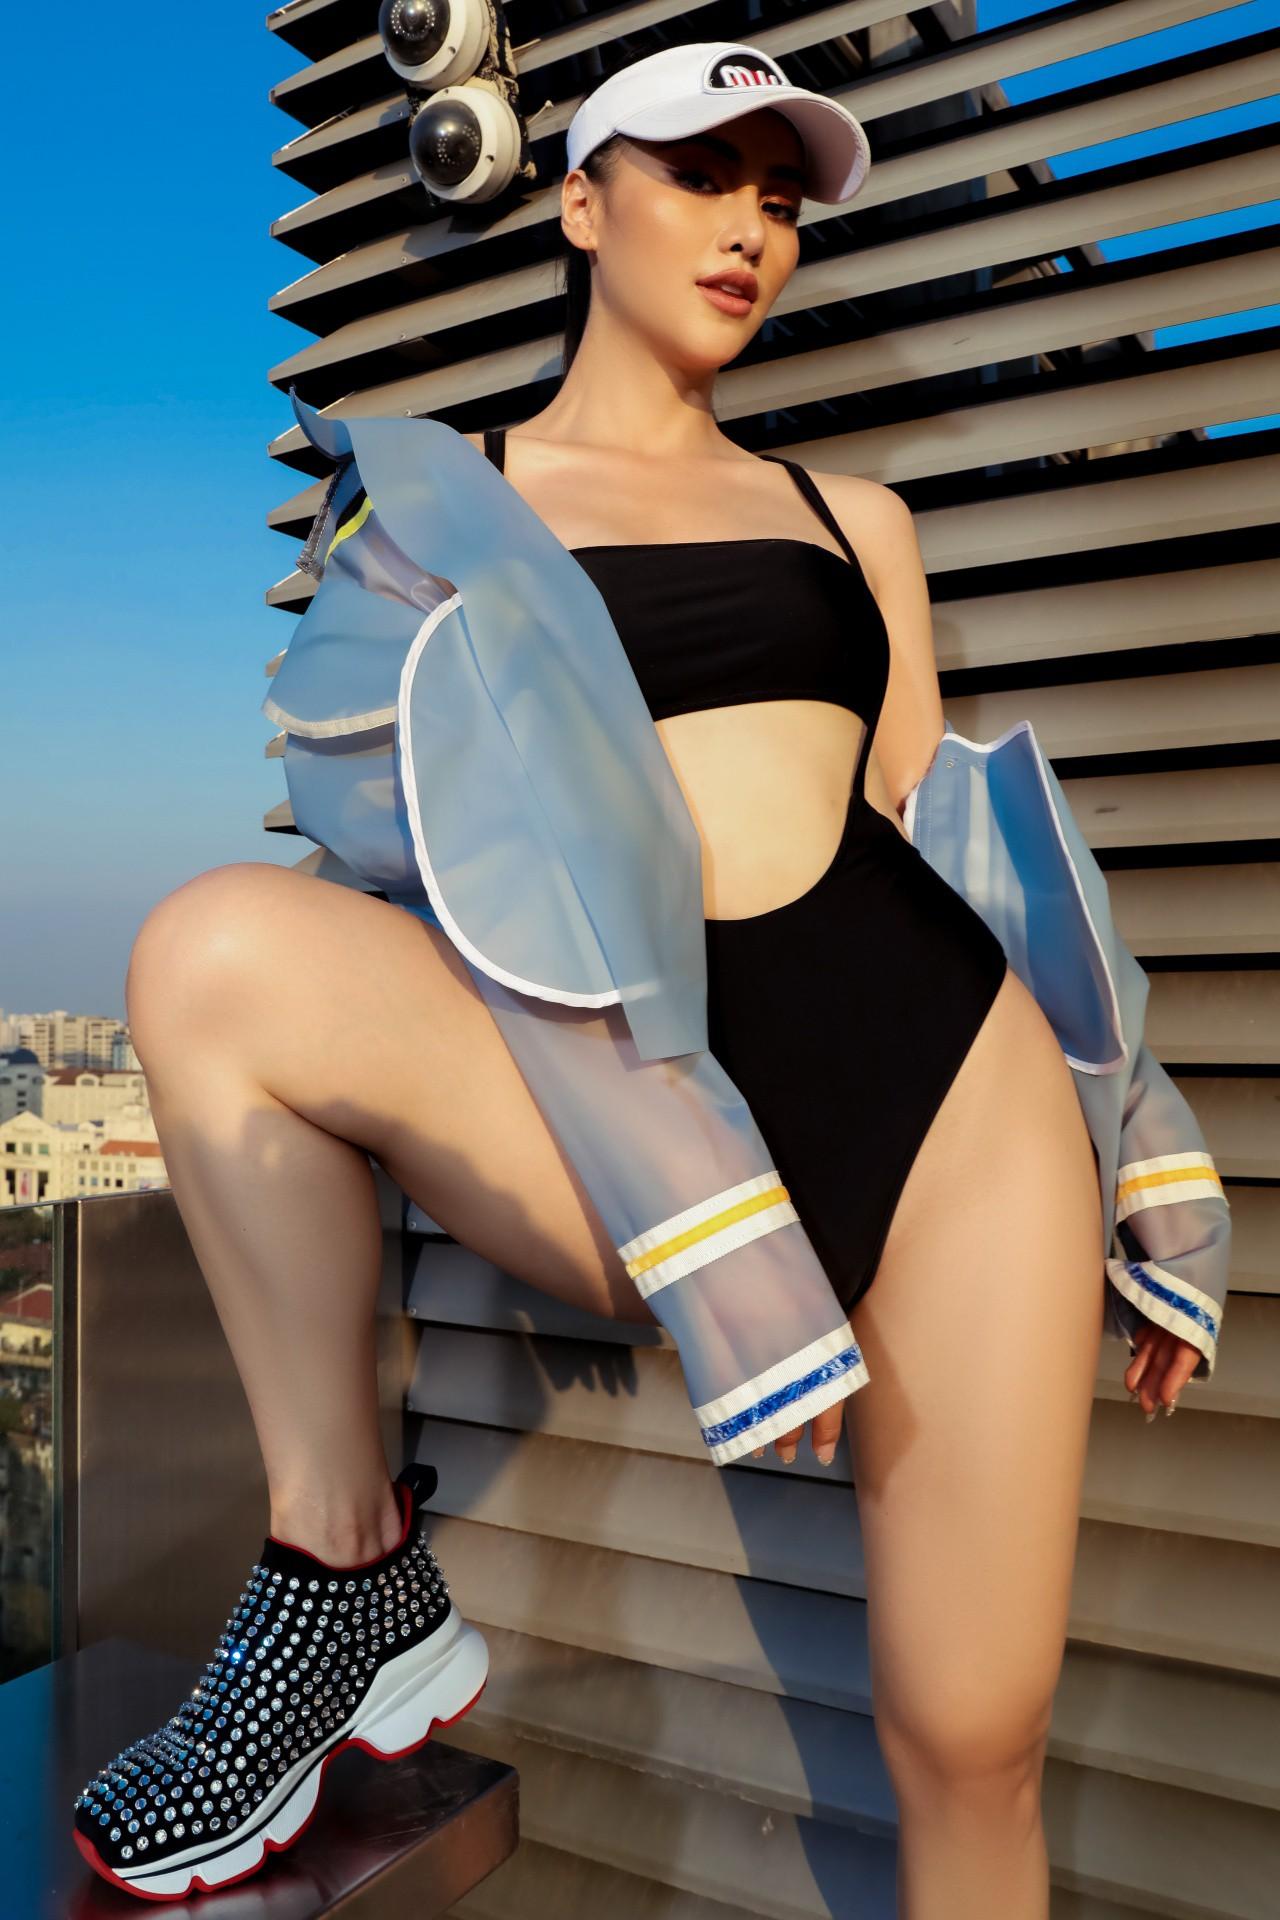 Hoa hậu Phương Khánh mặc bikini khoe body nóng bỏng, chân dài thẳng tắp trên nóc toà nhà cao tầng - Ảnh 19.